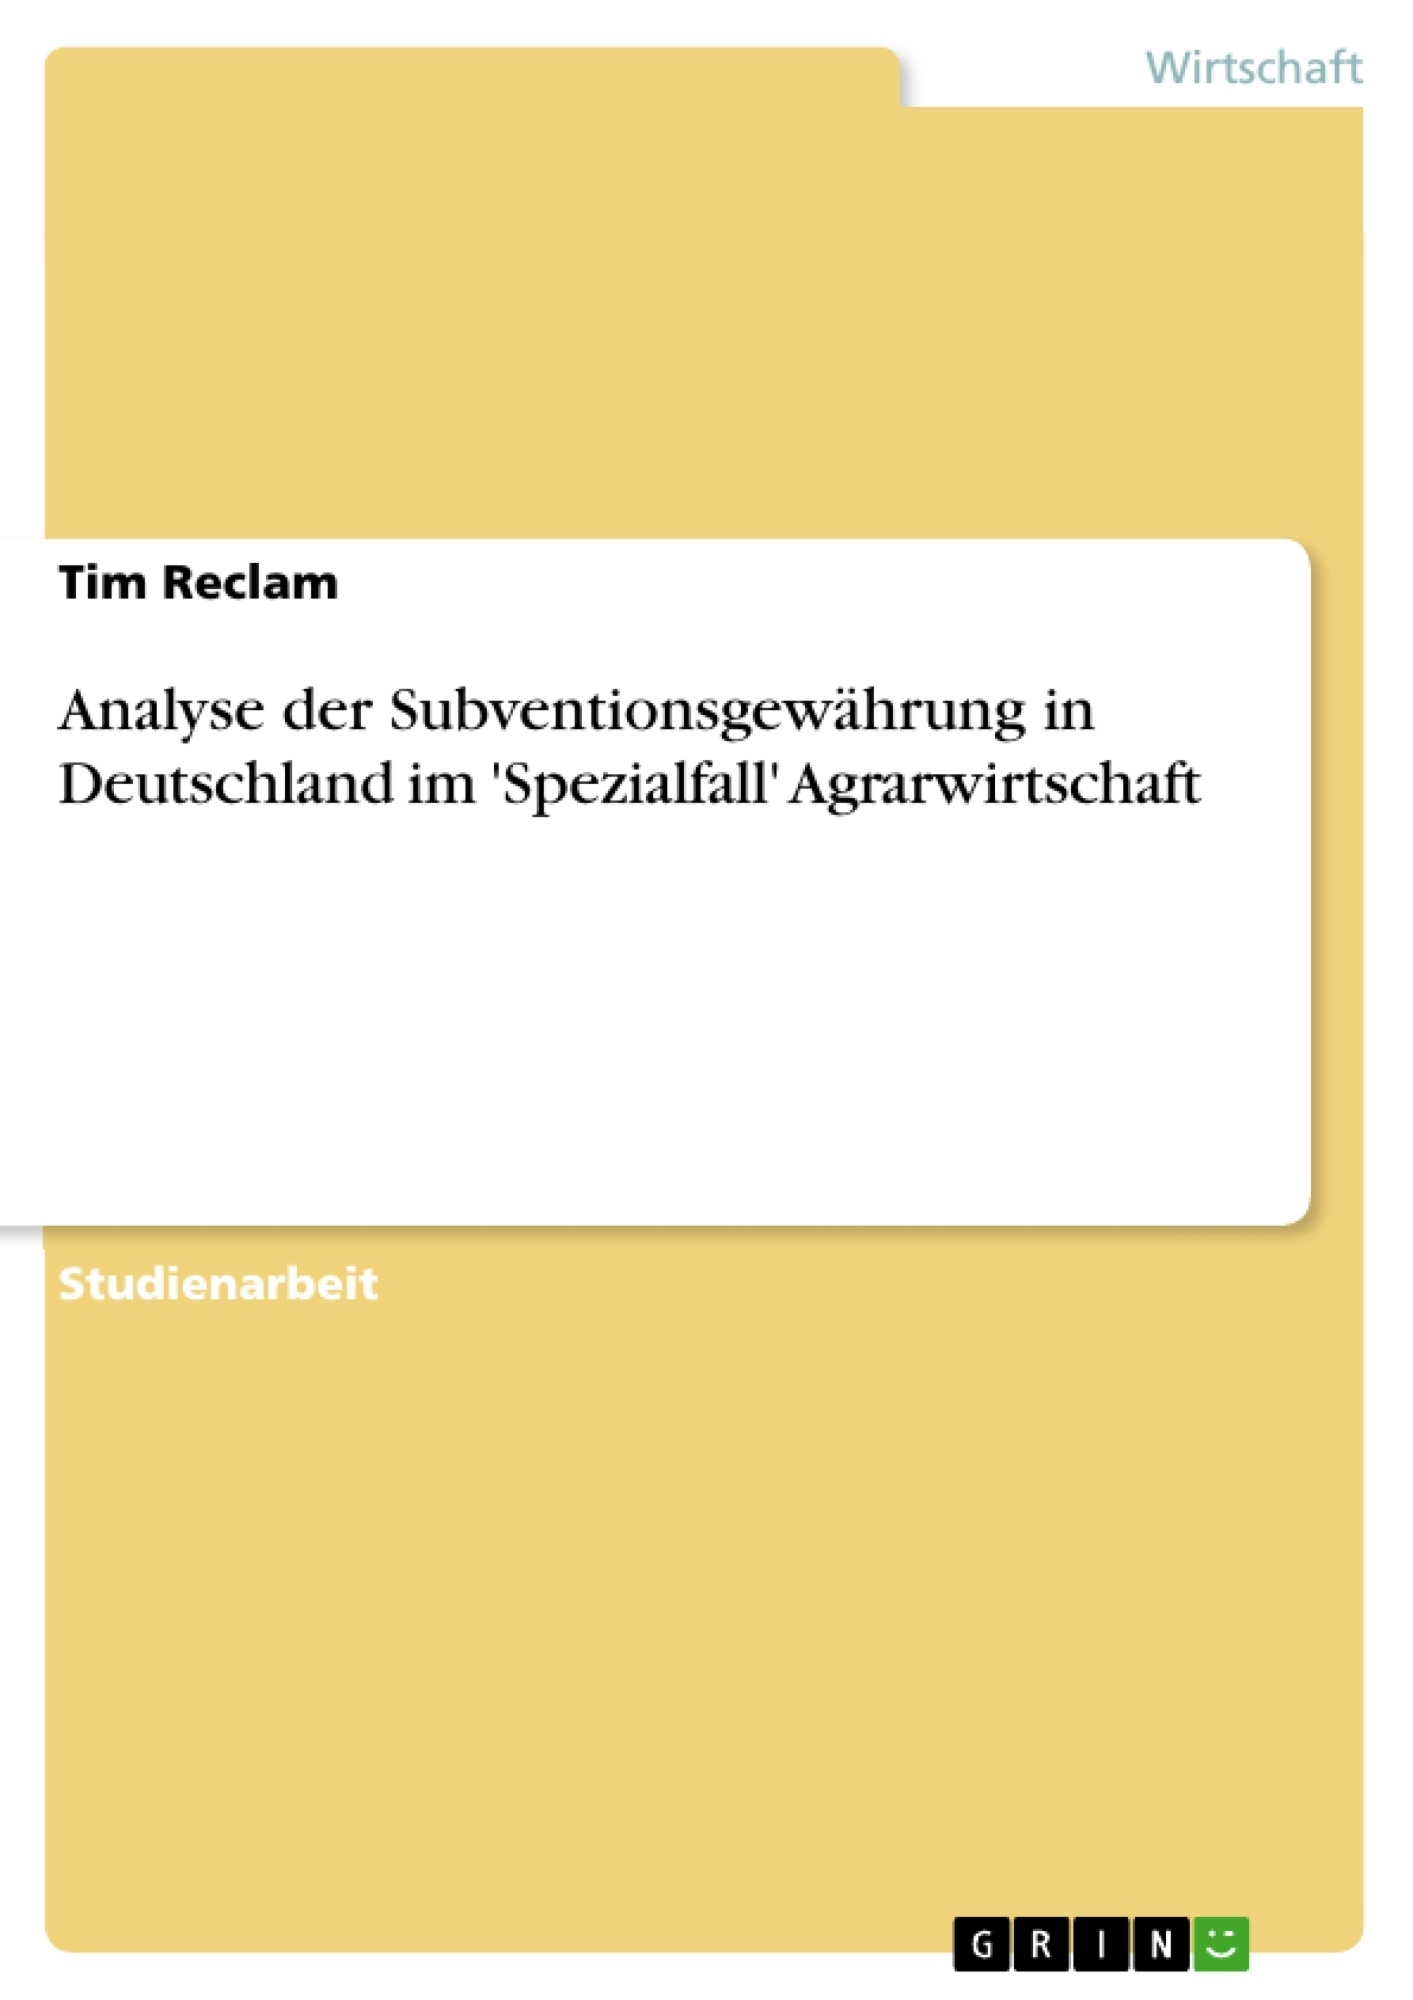 Titel: Analyse der Subventionsgewährung in Deutschland im 'Spezialfall' Agrarwirtschaft